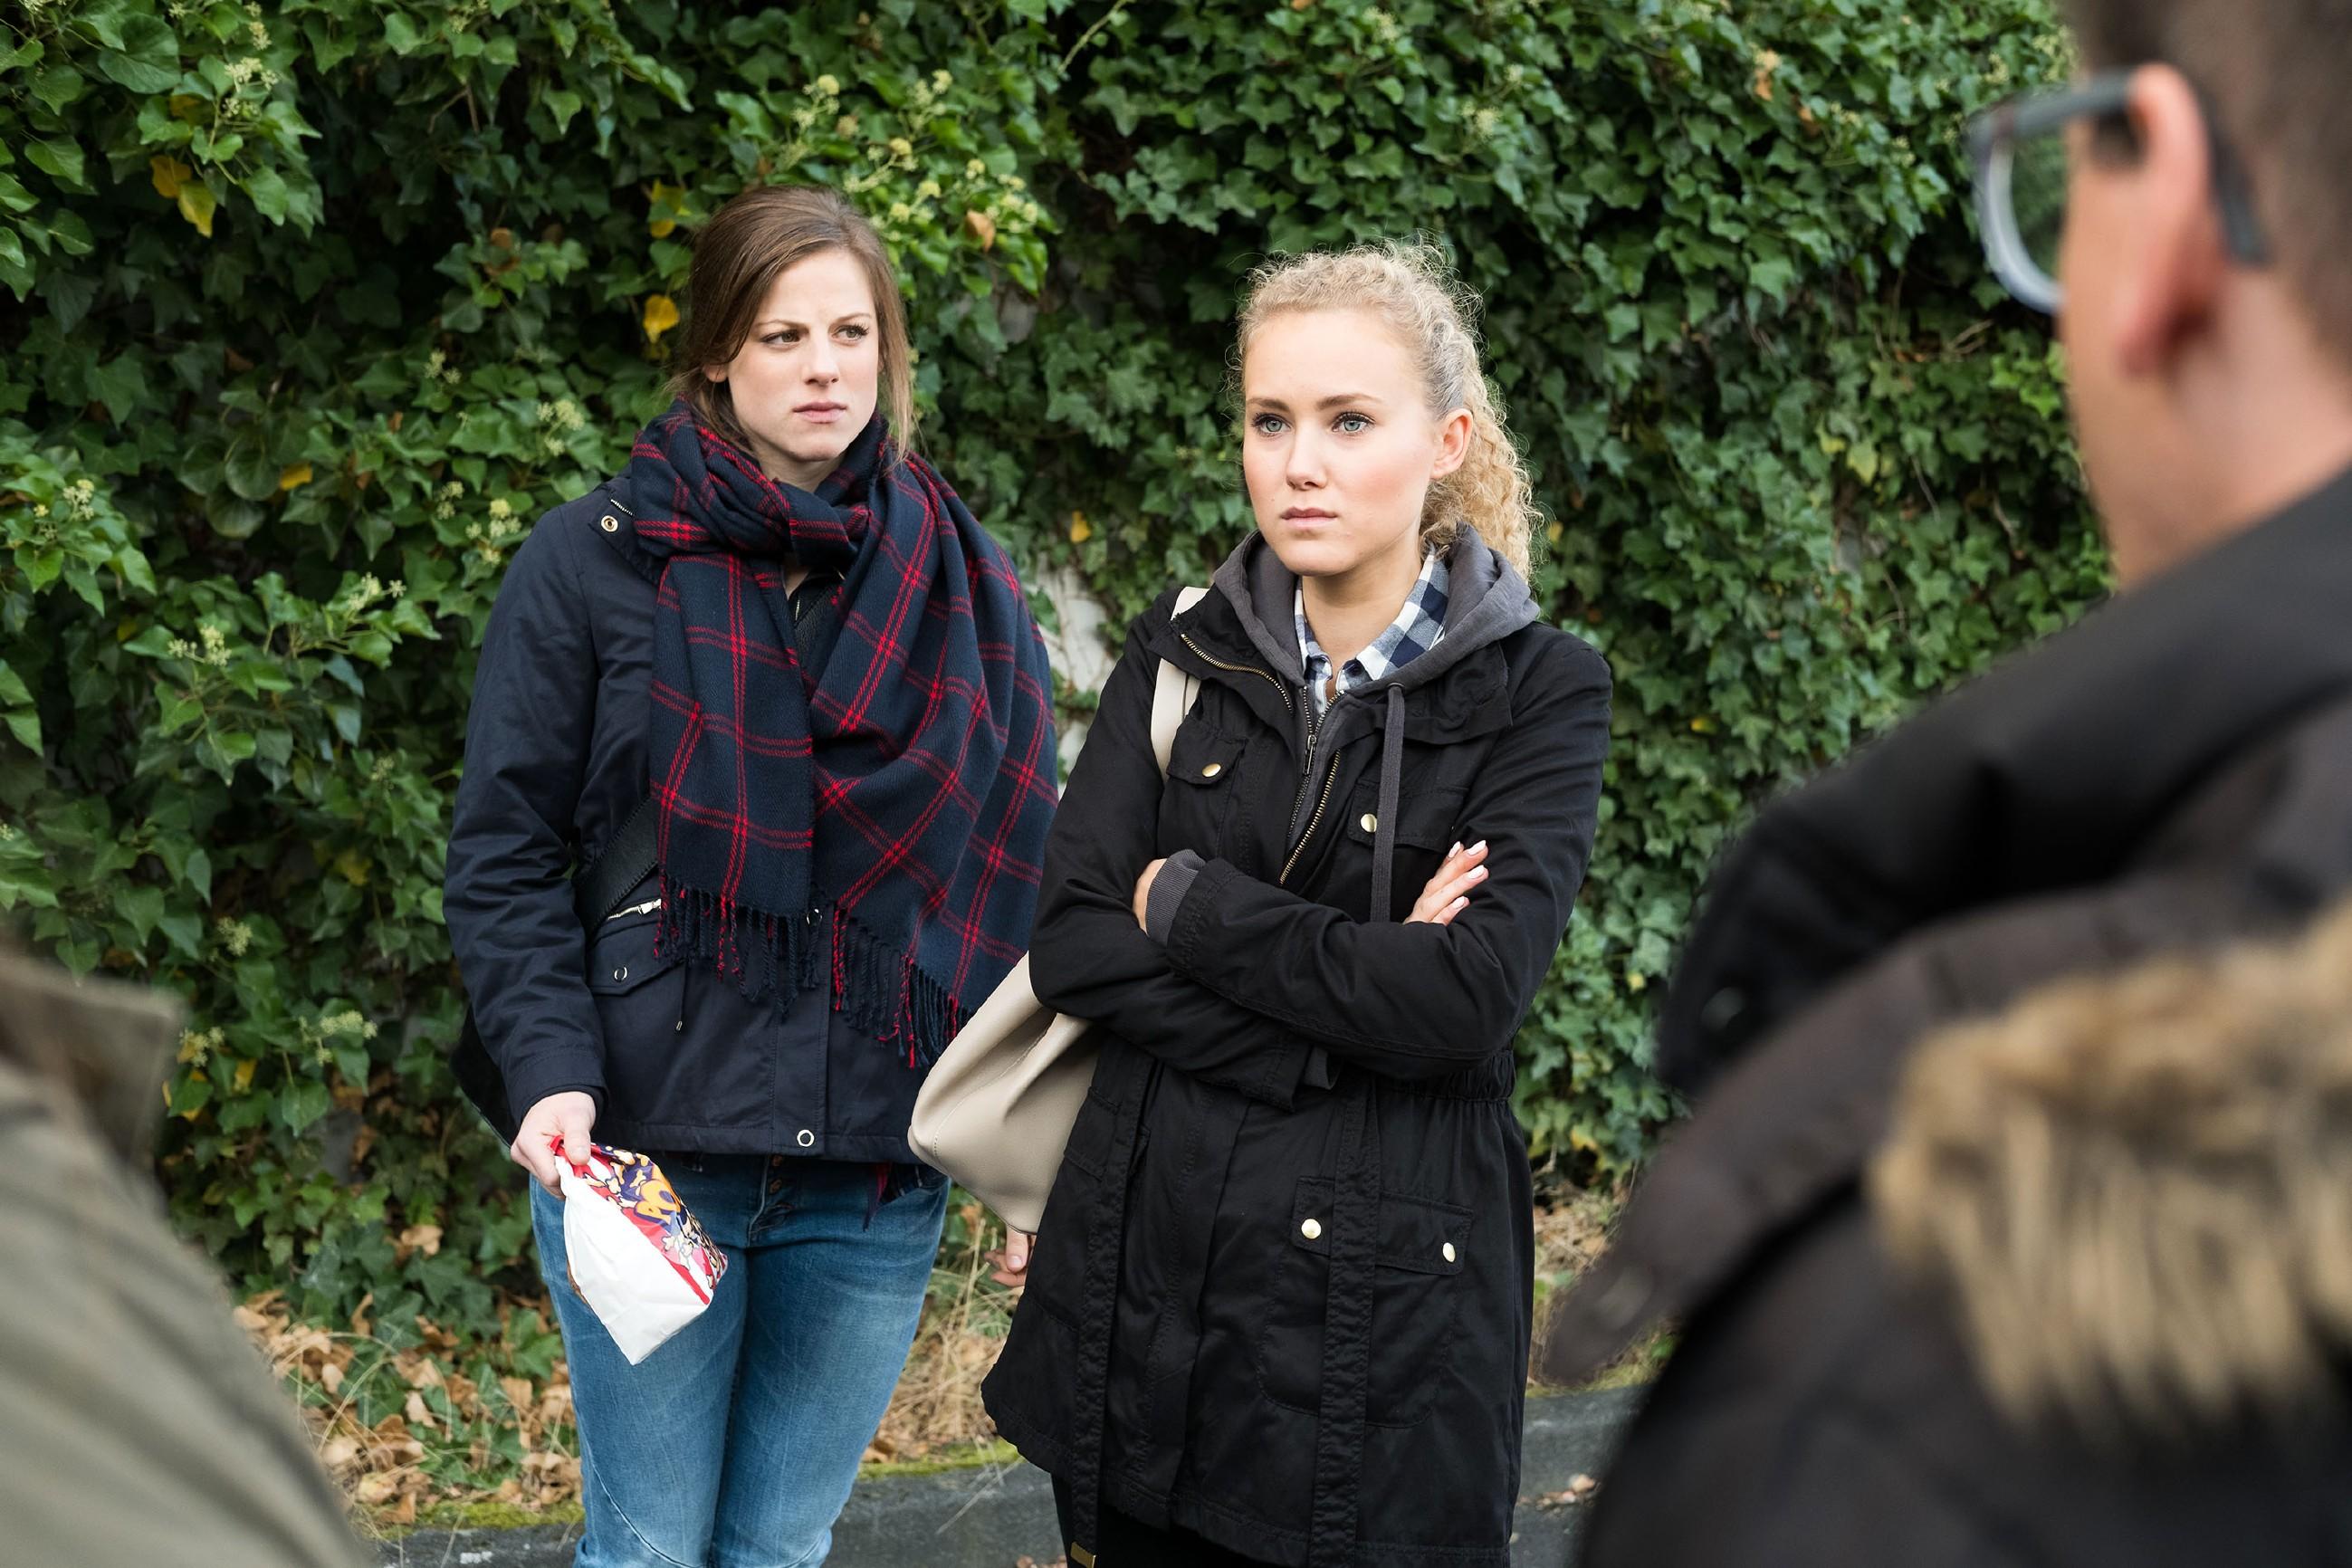 Als Elli (Nora Koppen, l.) KayC (Pauline Angert) einen Cousinen-Tag vorschlägt, ist sie dankbar für die Ablenkung, wird dann aber durch aufdringliche Follower wieder an den sexuellen Übergriff erinnert... (Quelle: RTL / Stefan Behrens)